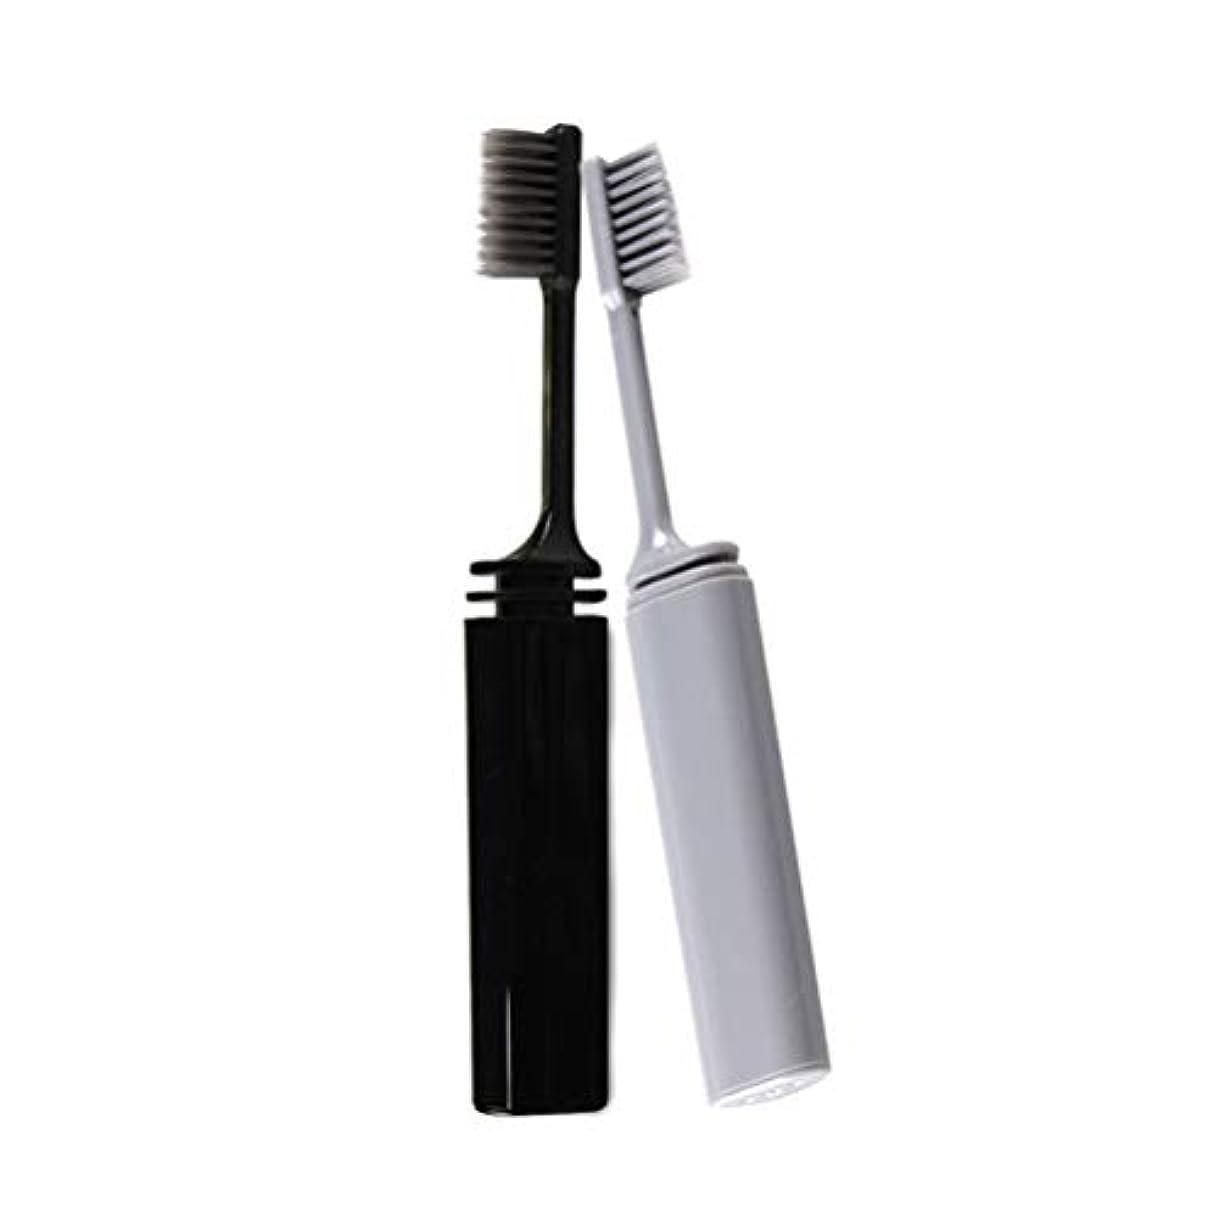 任命矛盾精通したSUPVOX 2本旅行歯ブラシポータブル折りたたみ竹炭柔らかい剛毛歯ブラシ(グレーブラック)